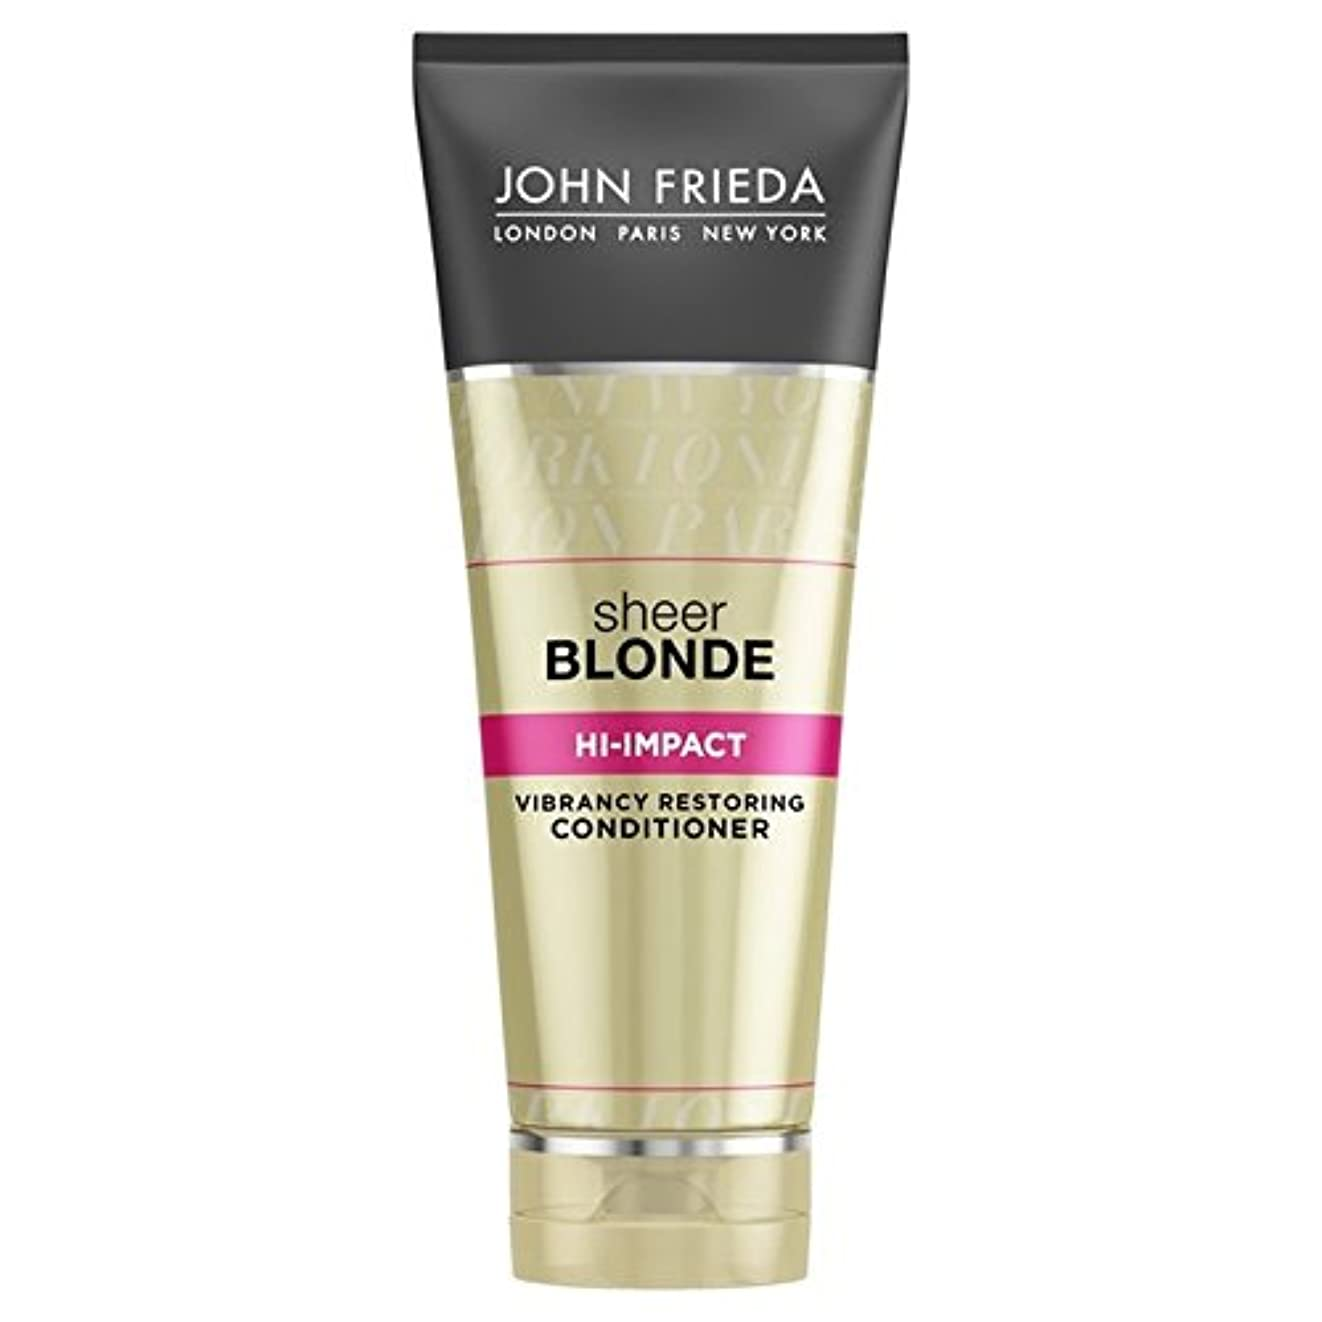 原稿ラボアンプJohn Frieda Sheer Blonde Hi Impact Conditioner 250ml (Pack of 6) - ジョン?フリーダ膨大なブロンドハイインパクトコンディショナー250 x6 [並行輸入品]